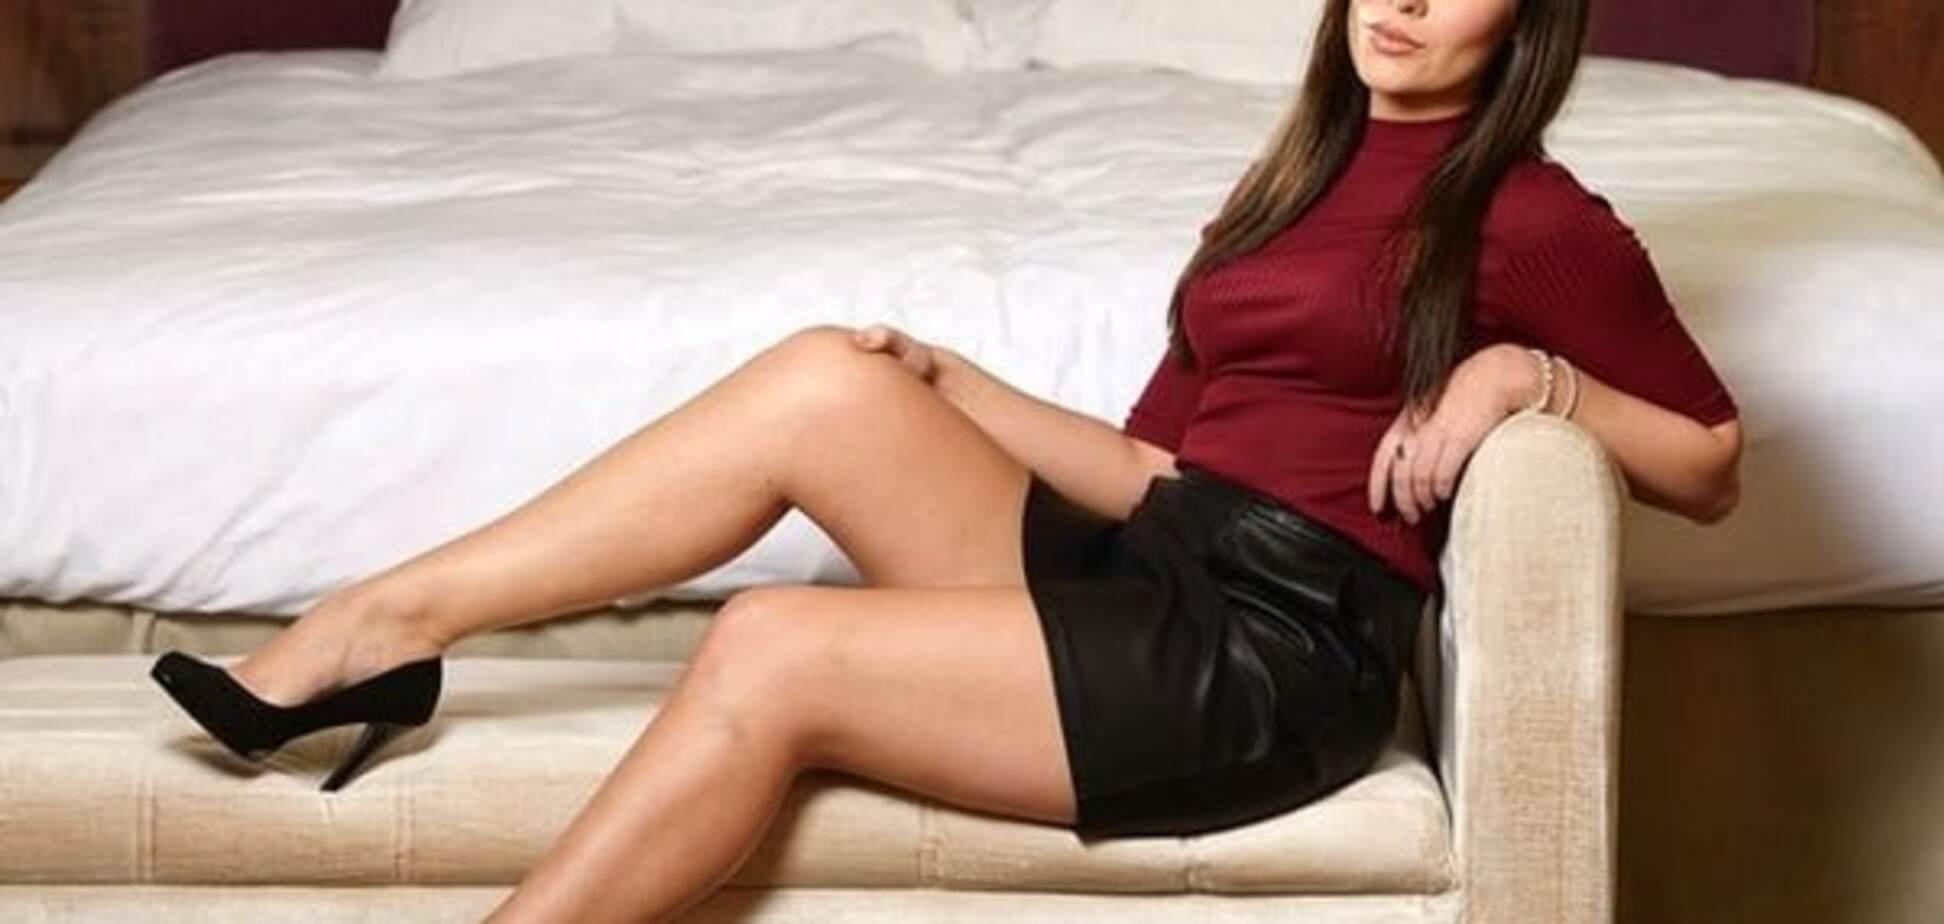 Футболист 'Манчестер Юнайтед' изменил жене со звездой X-Фактор: фото красотки